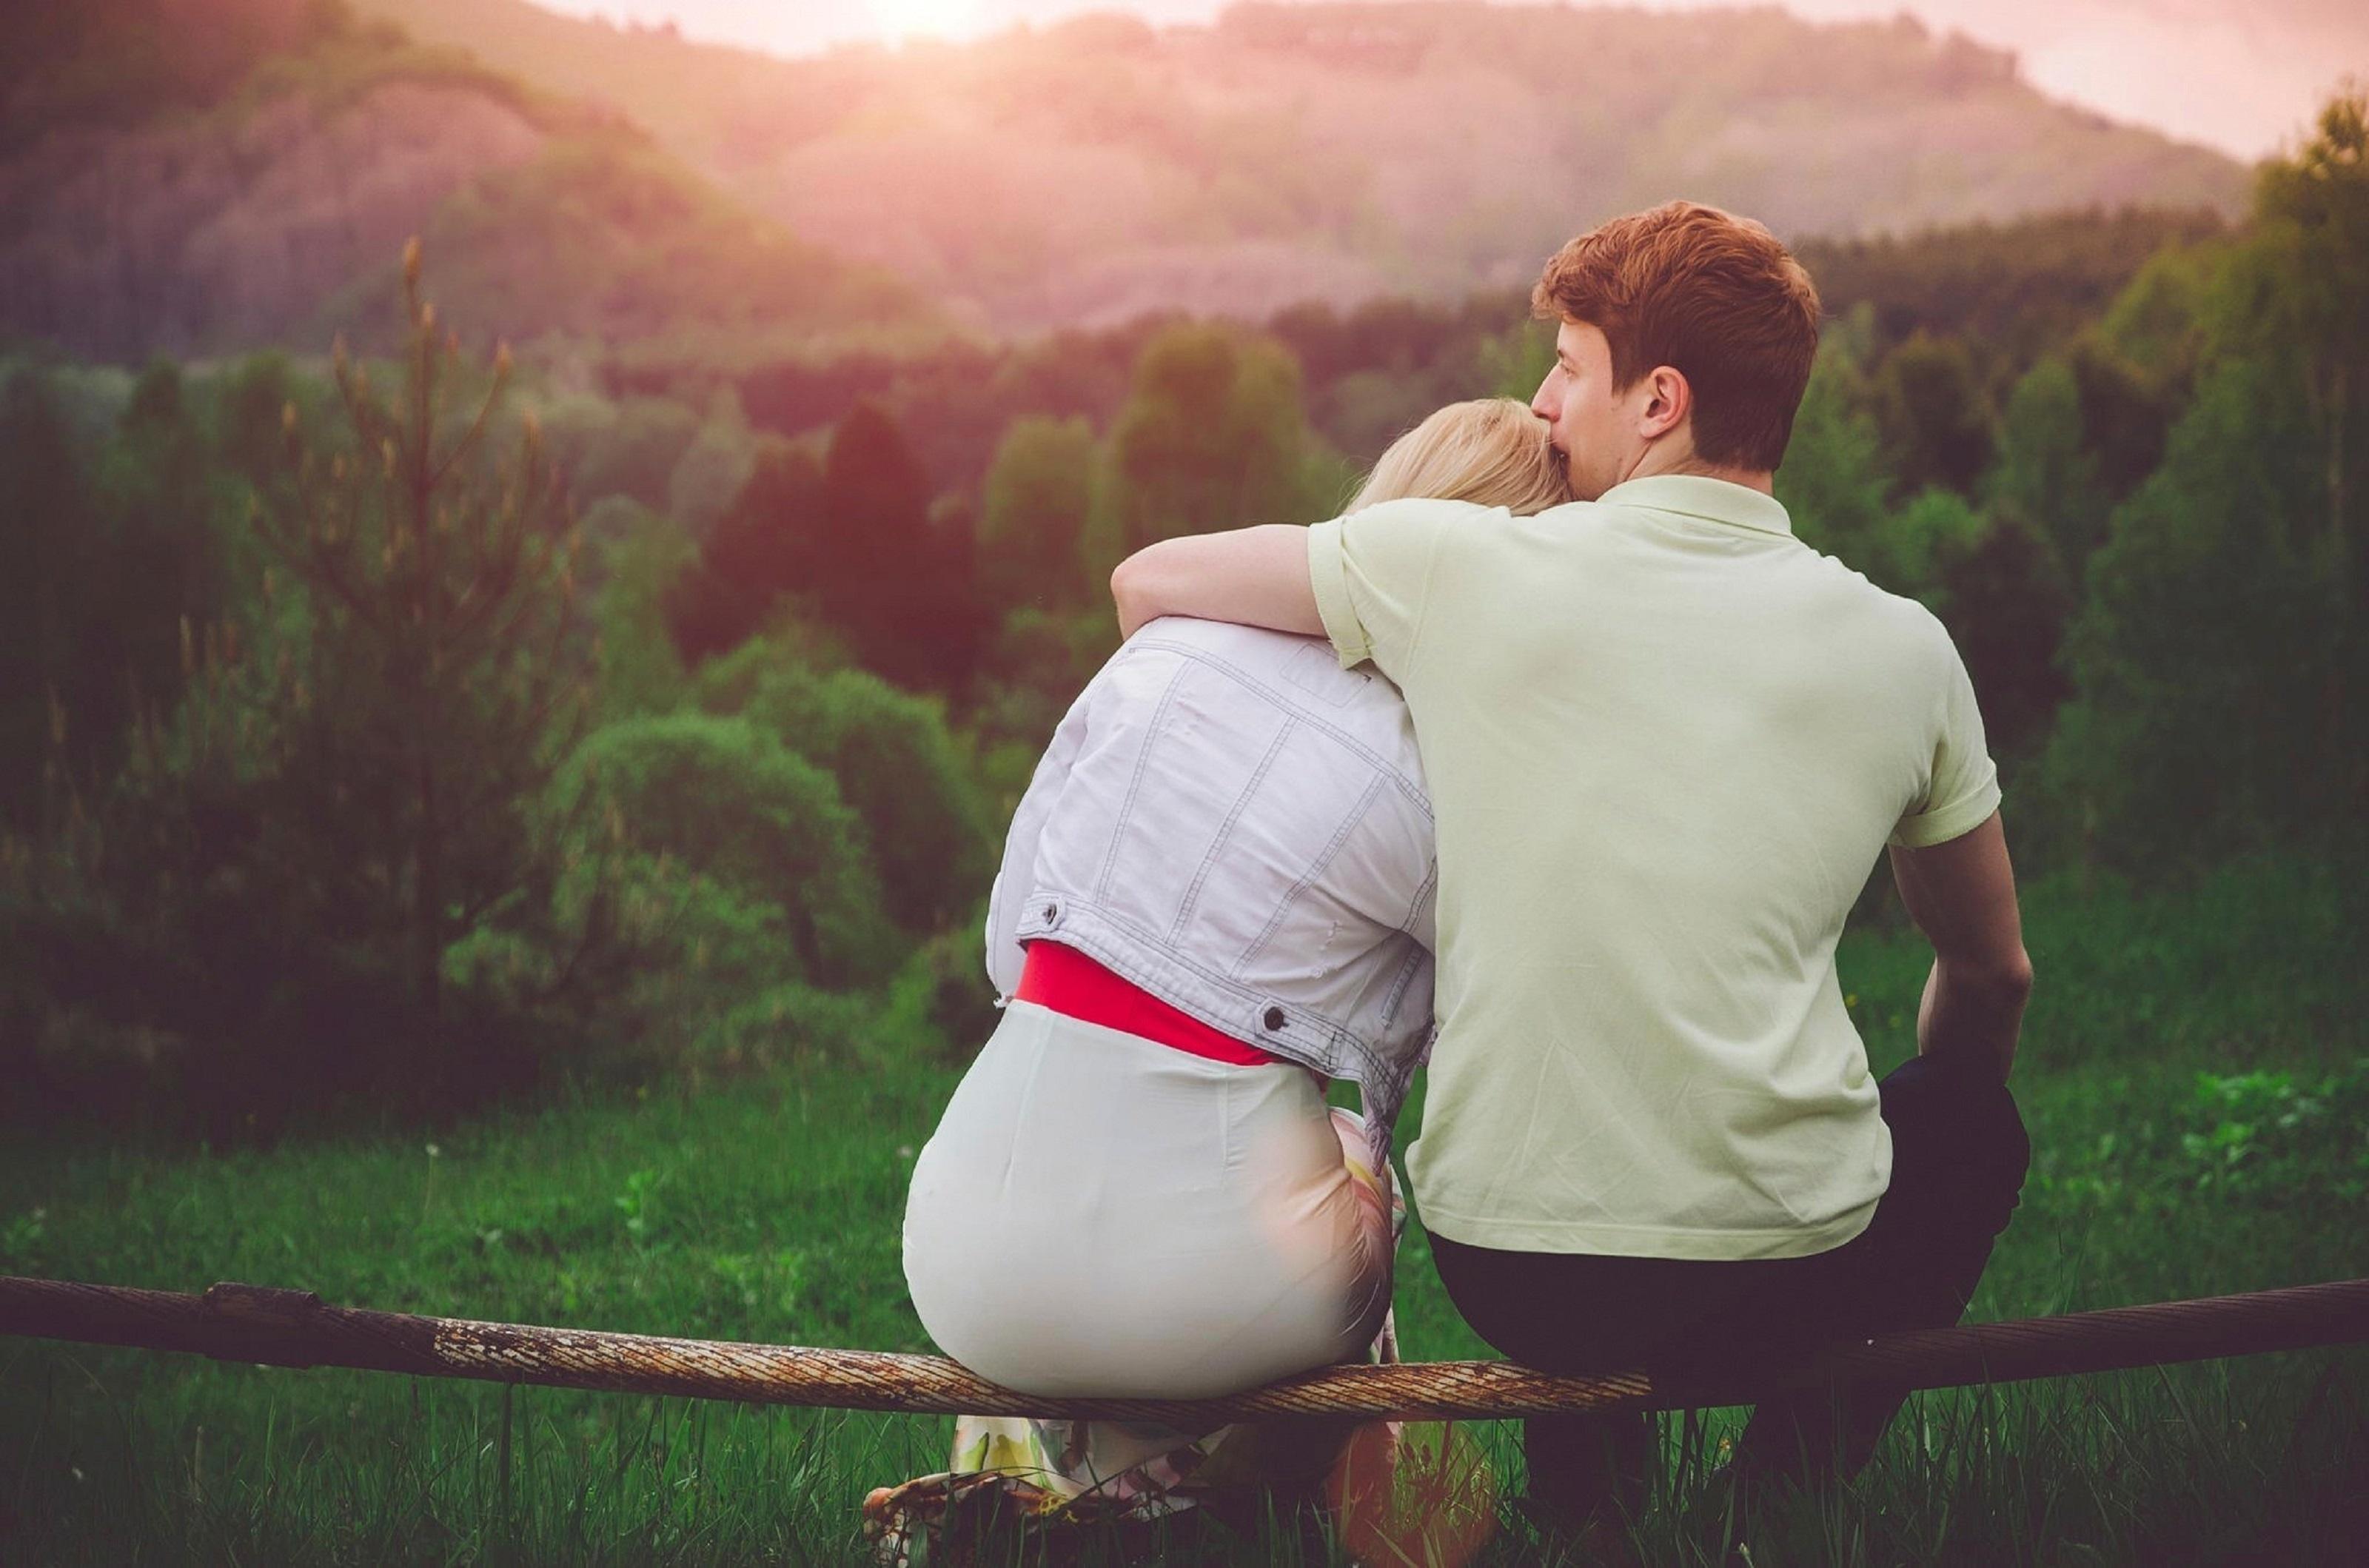 Совместимость Козы и Обезьяны — подходят ли женщины и мужчины года Овцы и Обезьяны друг другу в любви, браке и дружбе по китайскому гороскопу